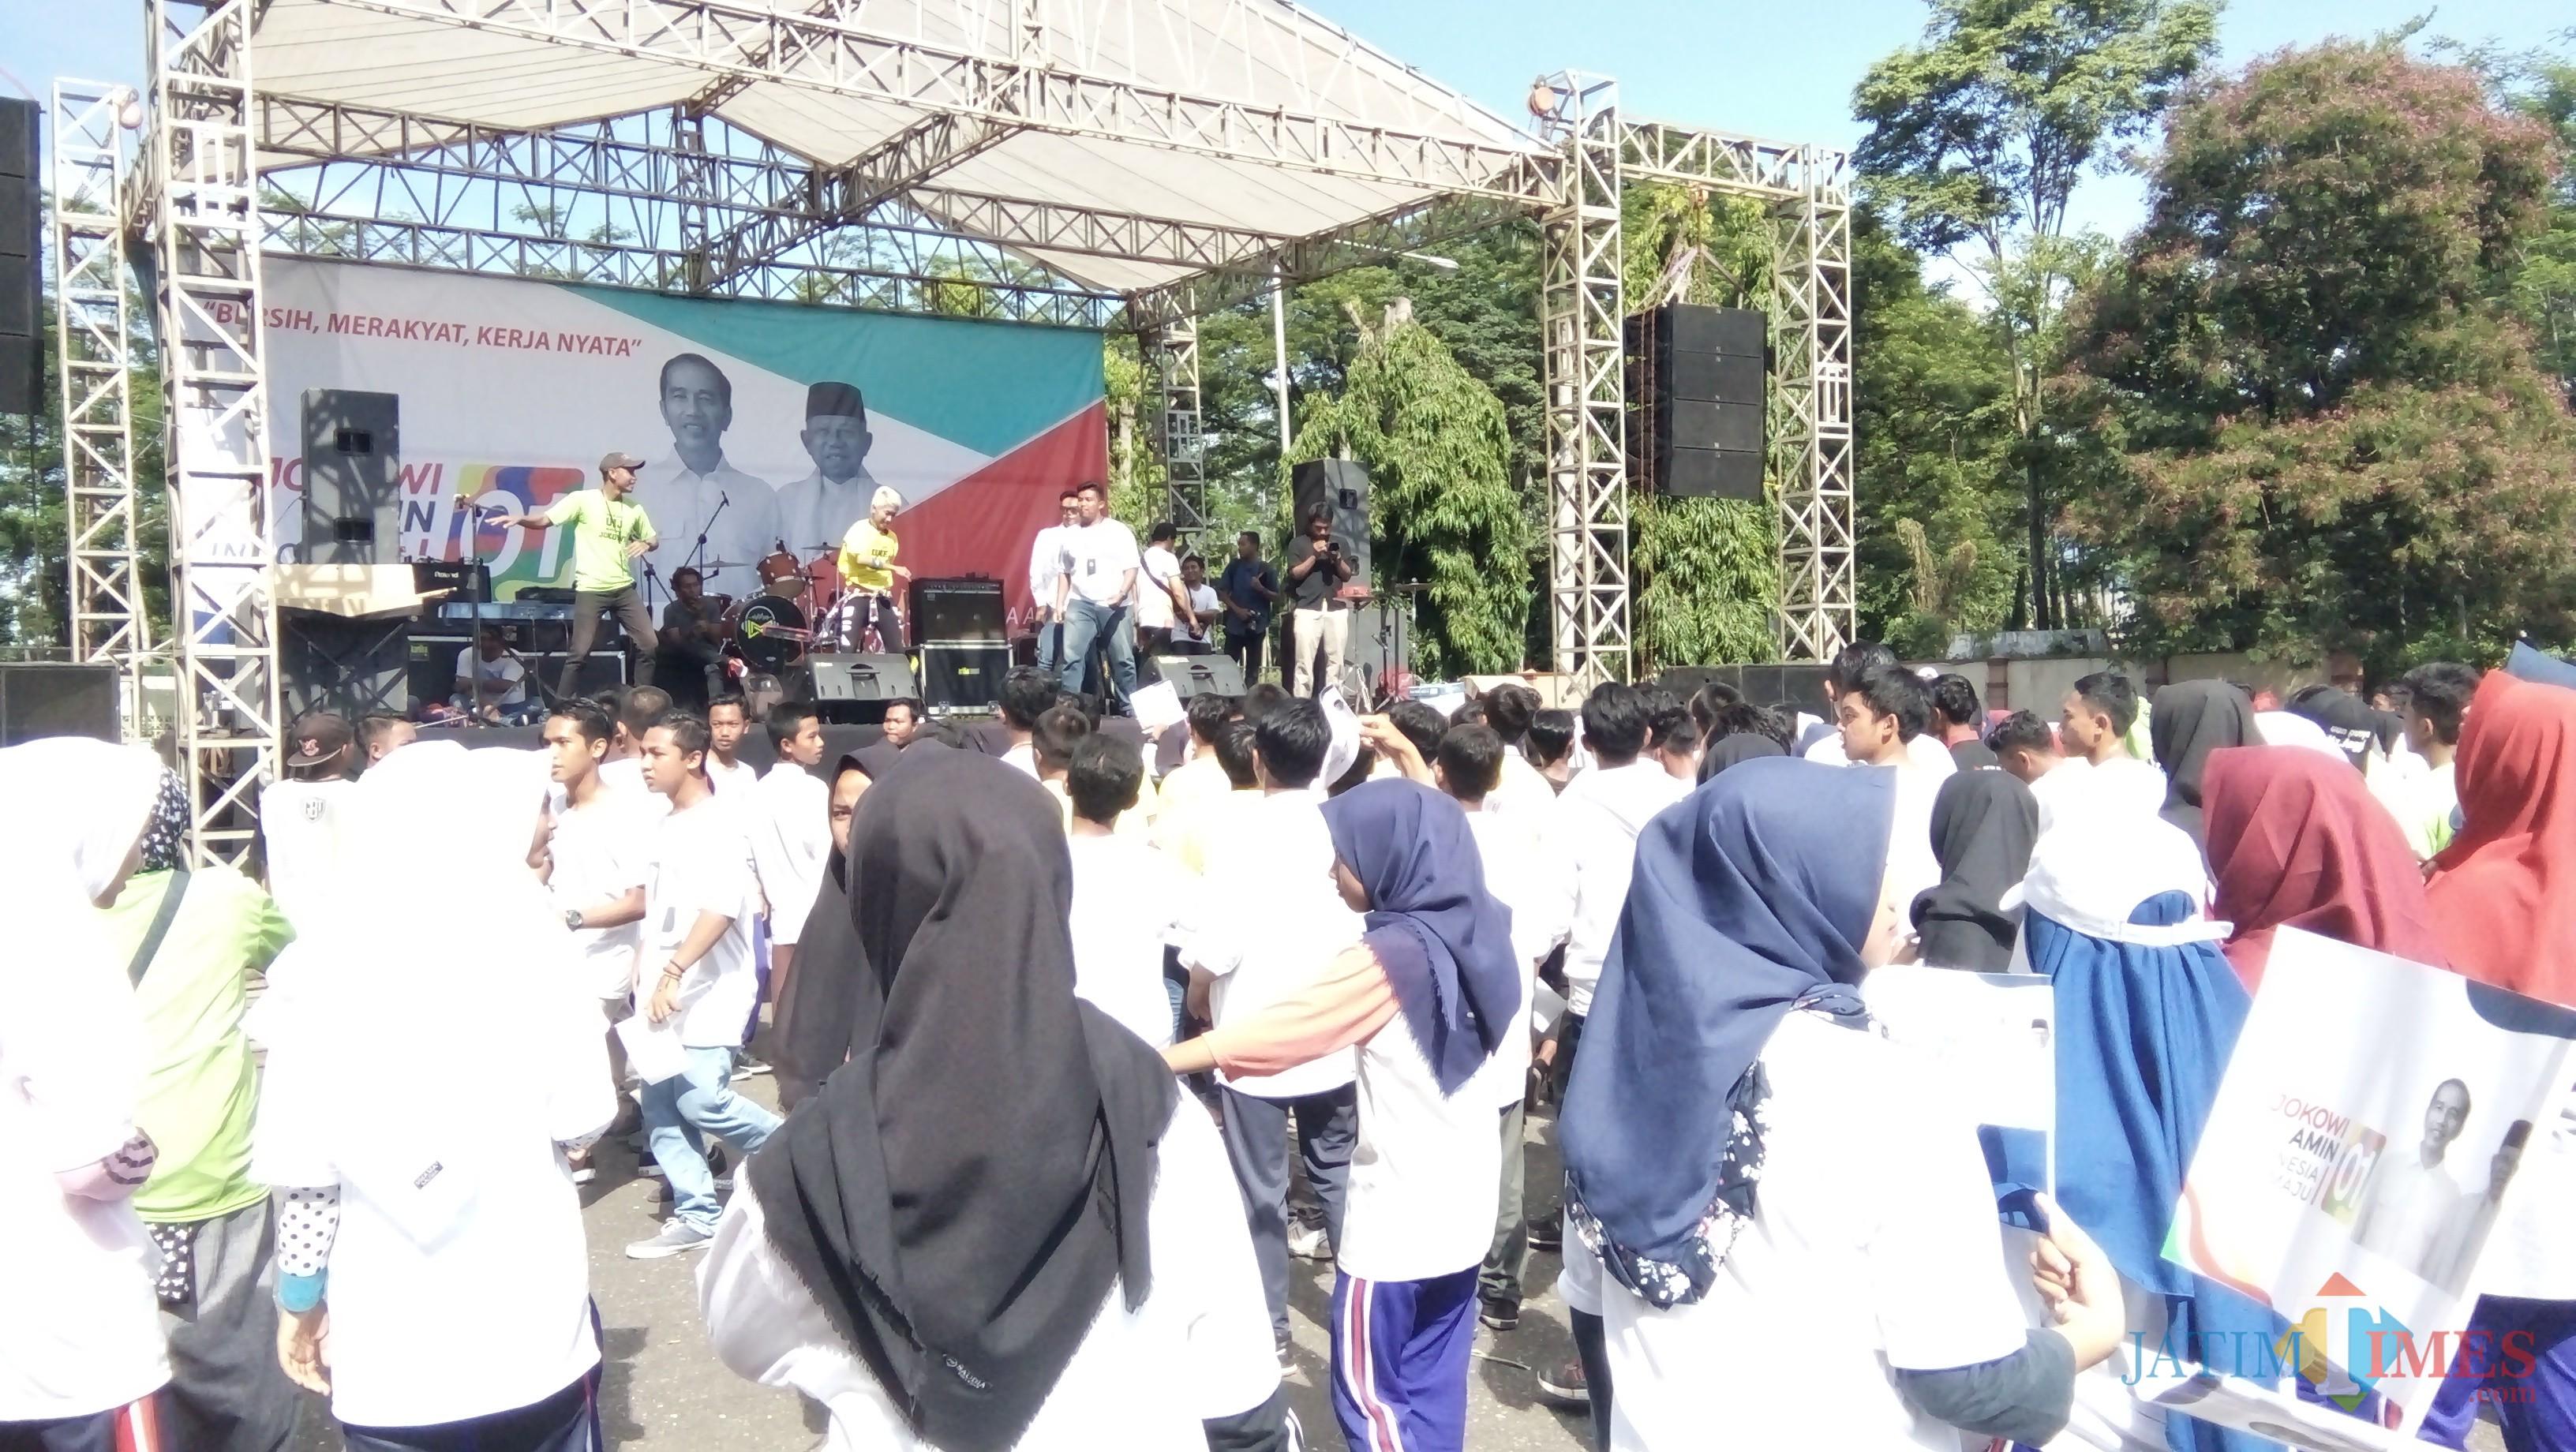 Sejumlah perwakilan alumni perguruan tinggi di Jember saat mendeklarasikan dukungannya kepada capres cawapres nomor urut 01 Jokowi Amin (foto : Moh. Ali Makrus / Jatim TIMES)